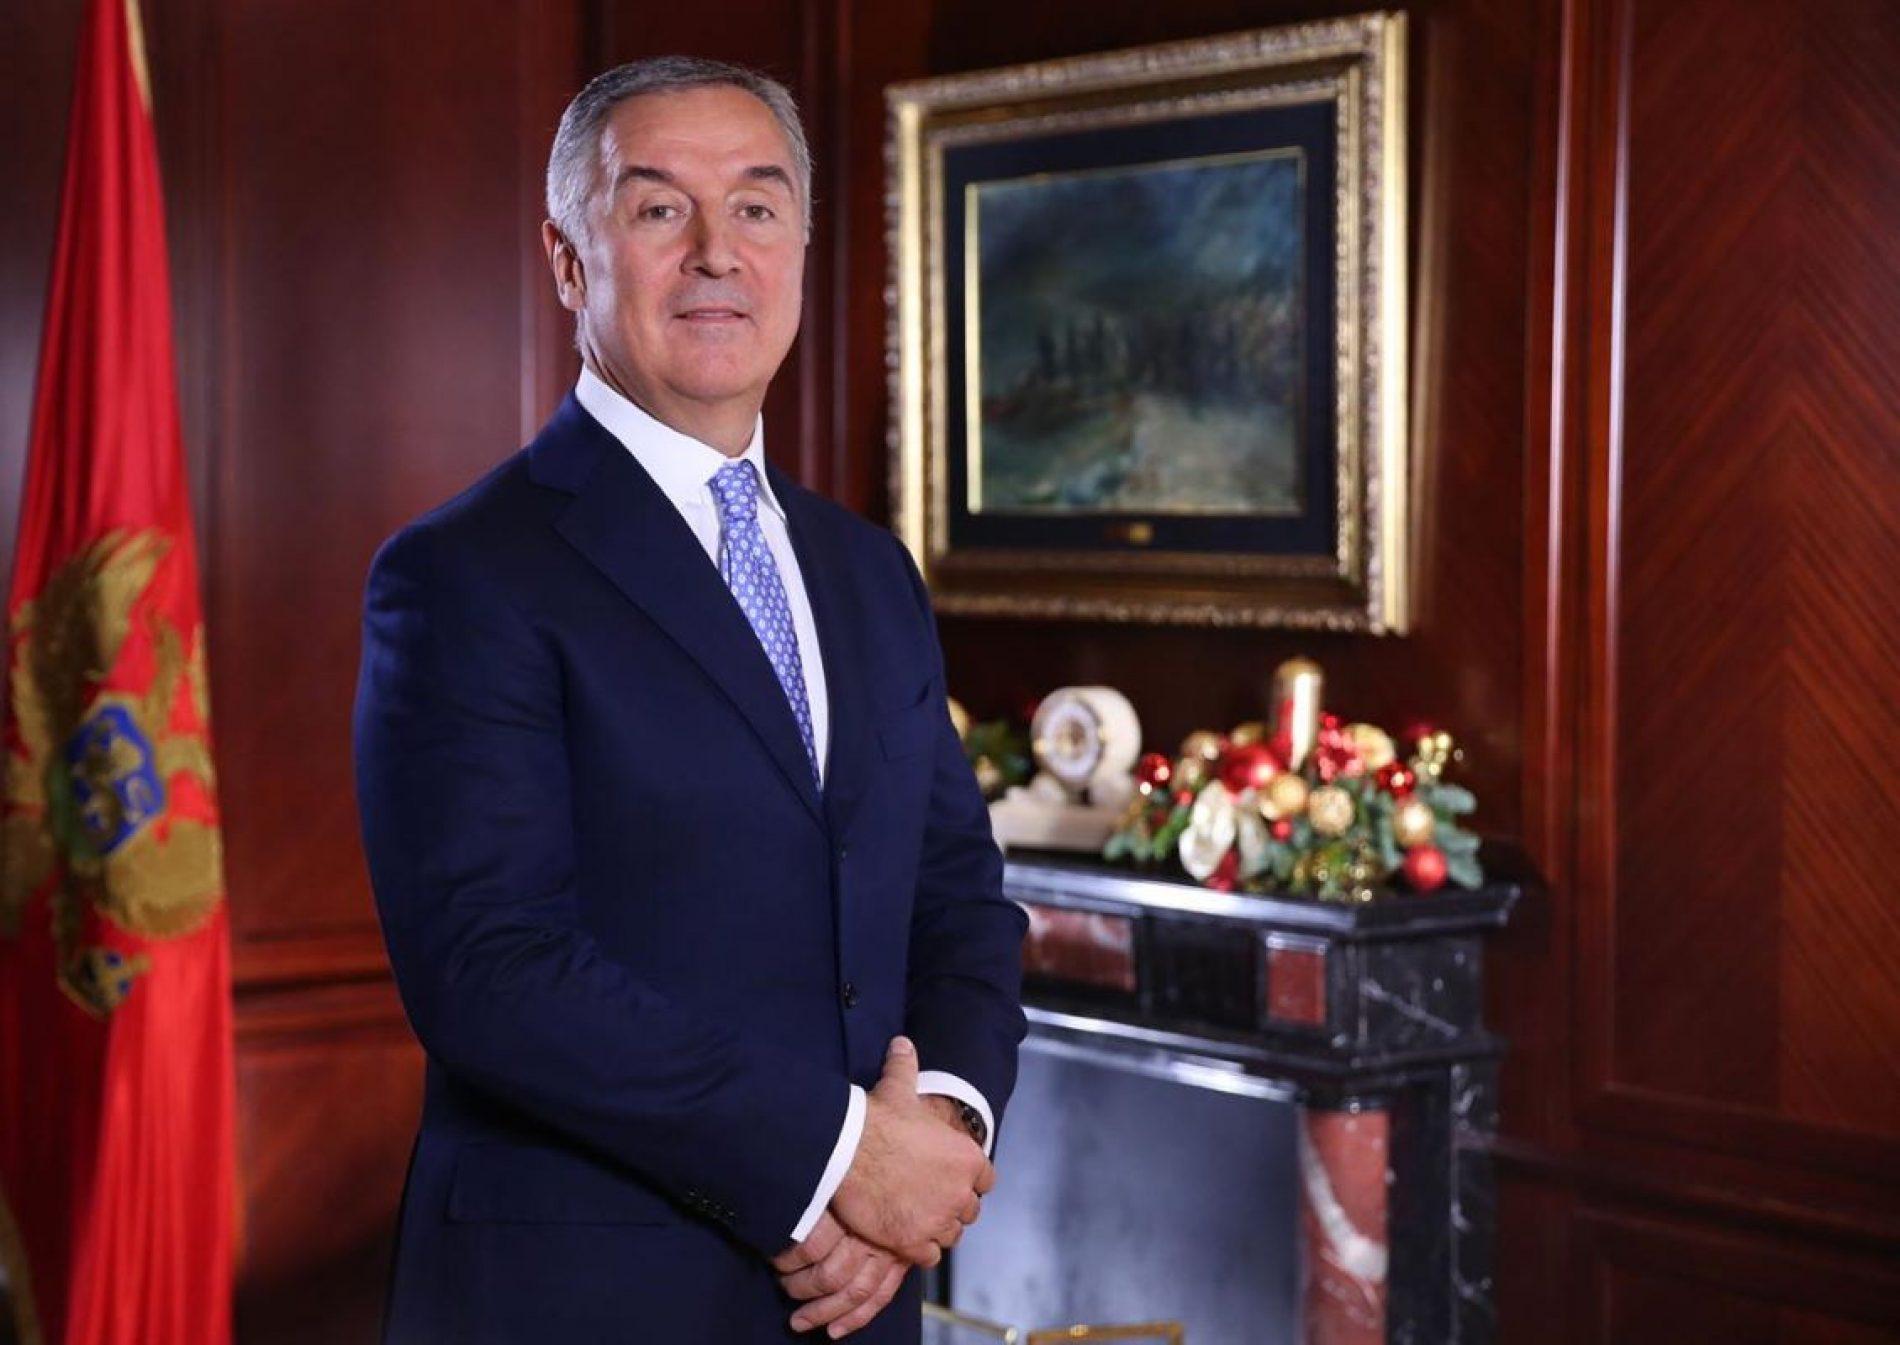 Predsjednik CG: Svako pristajanje na cijepanje Bosne i Hercegovine vraća nas u rat